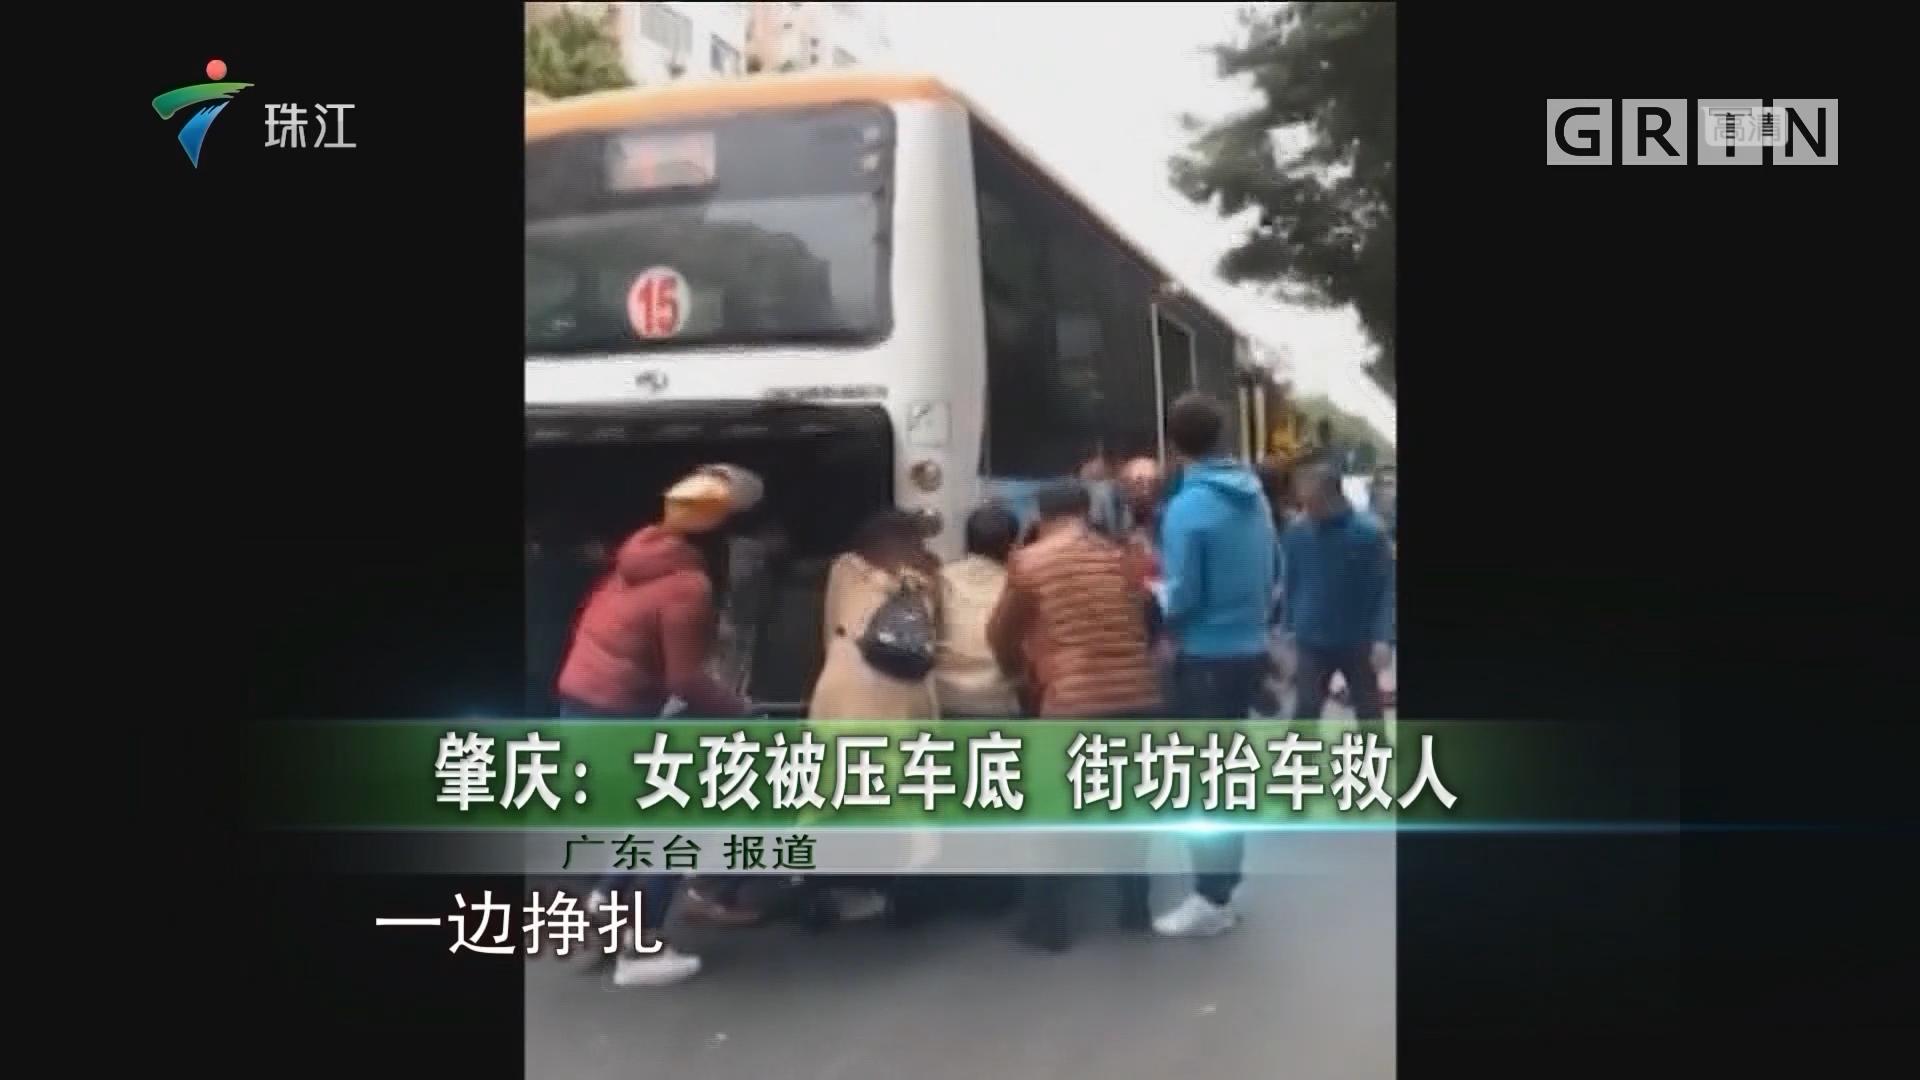 肇庆:女孩被压车底 街坊抬车救人